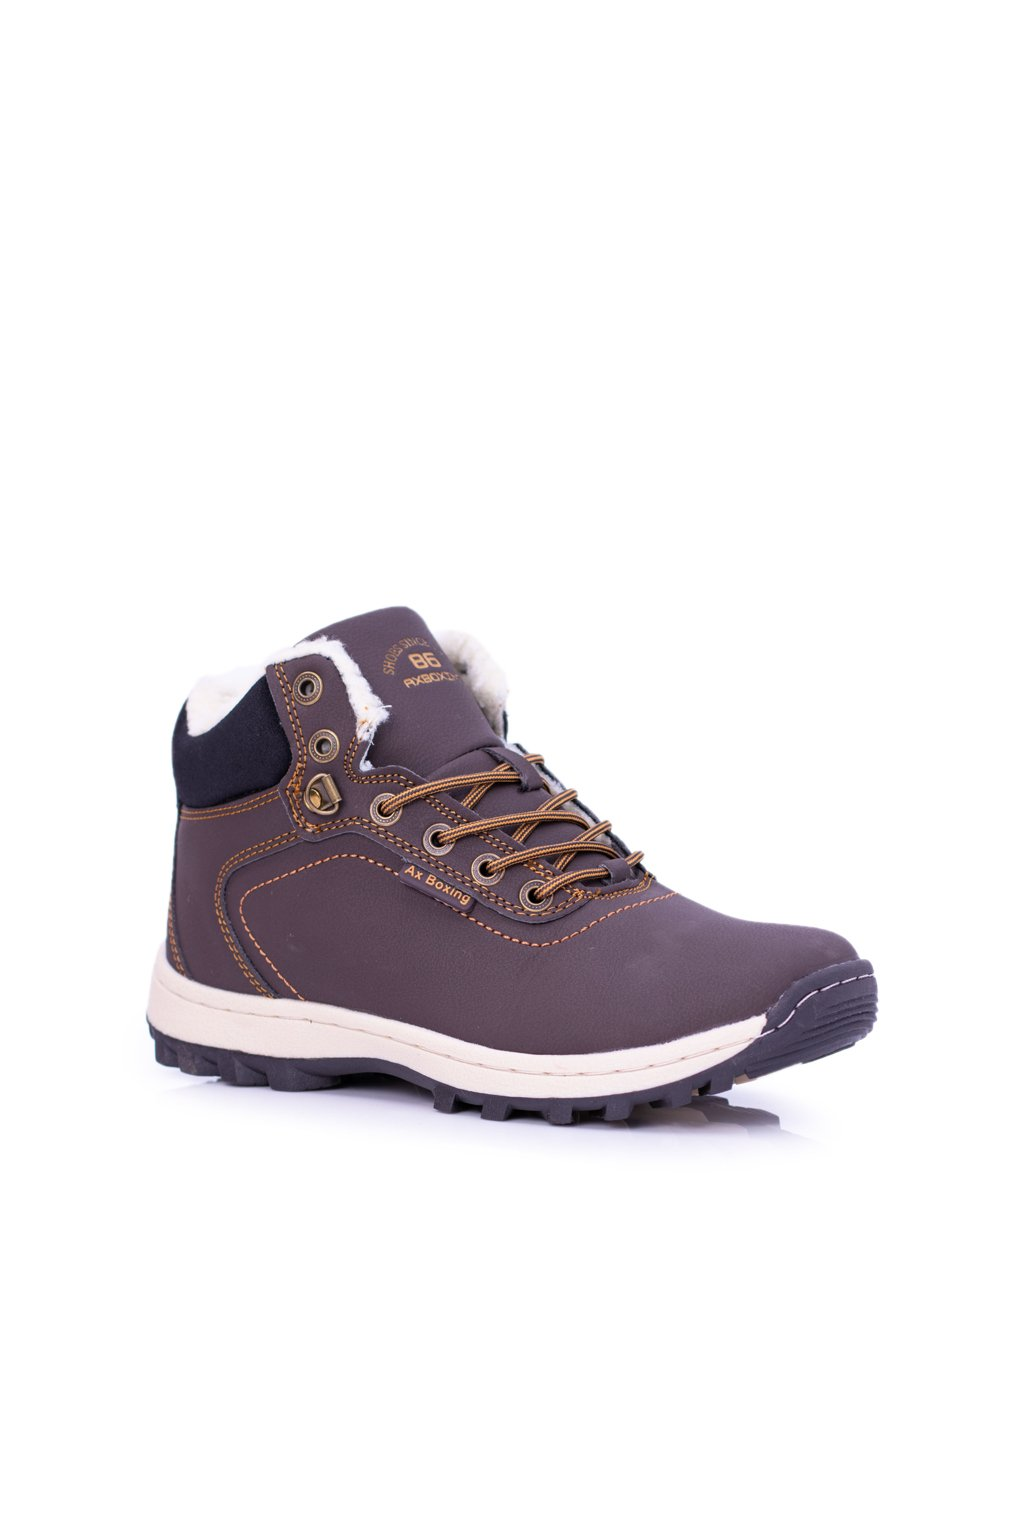 Teplá hnedá pánska treková obuv Intenso